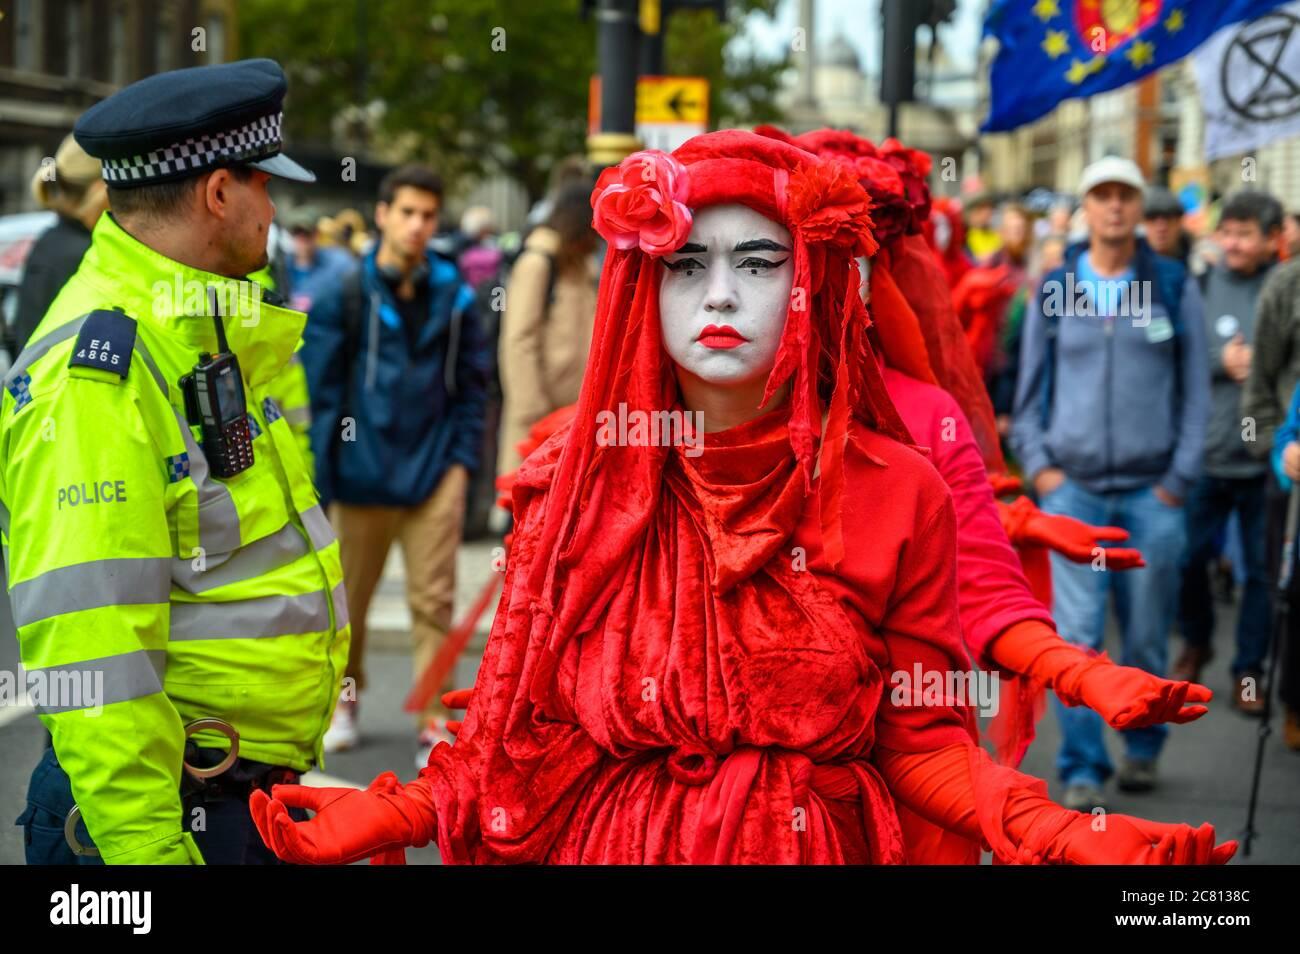 LONDON - 18. OKTOBER 2019: Nahaufnahme der Rebellion der Roten Brigade Demonstranten, die an einem Metropolitan Police Officer vorbeigingen Stockfoto